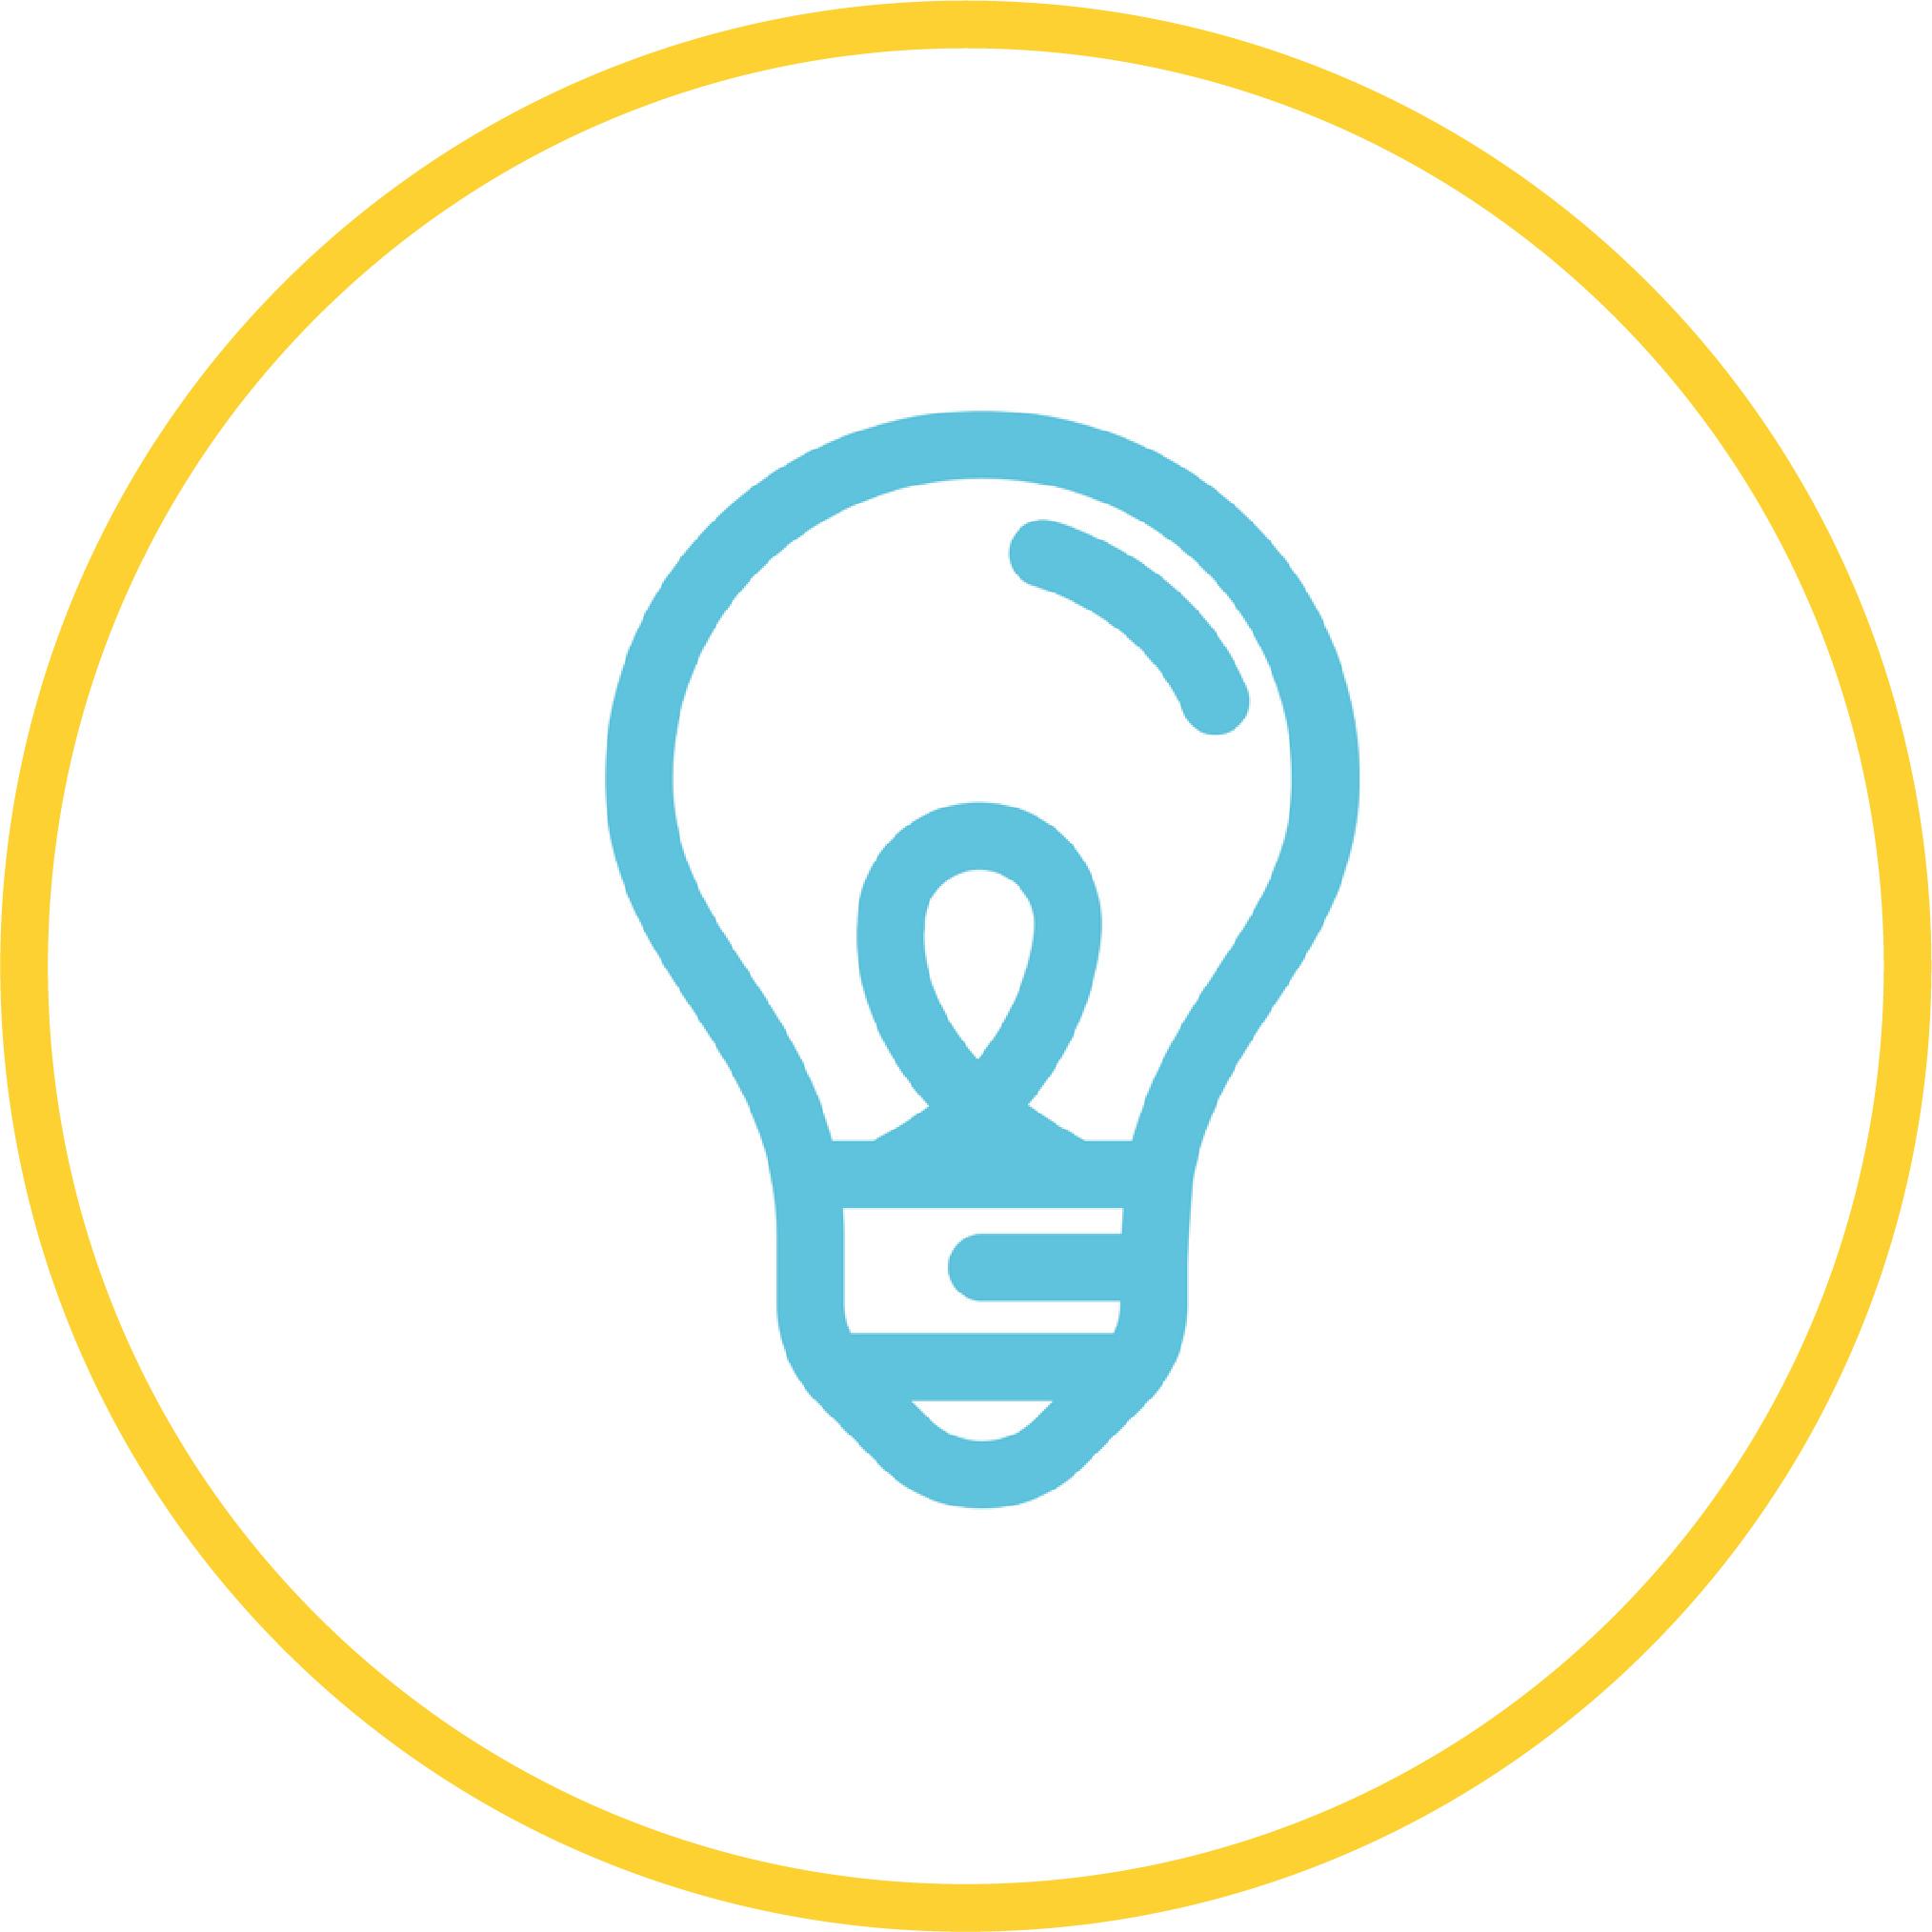 lightbulb blue.jpg